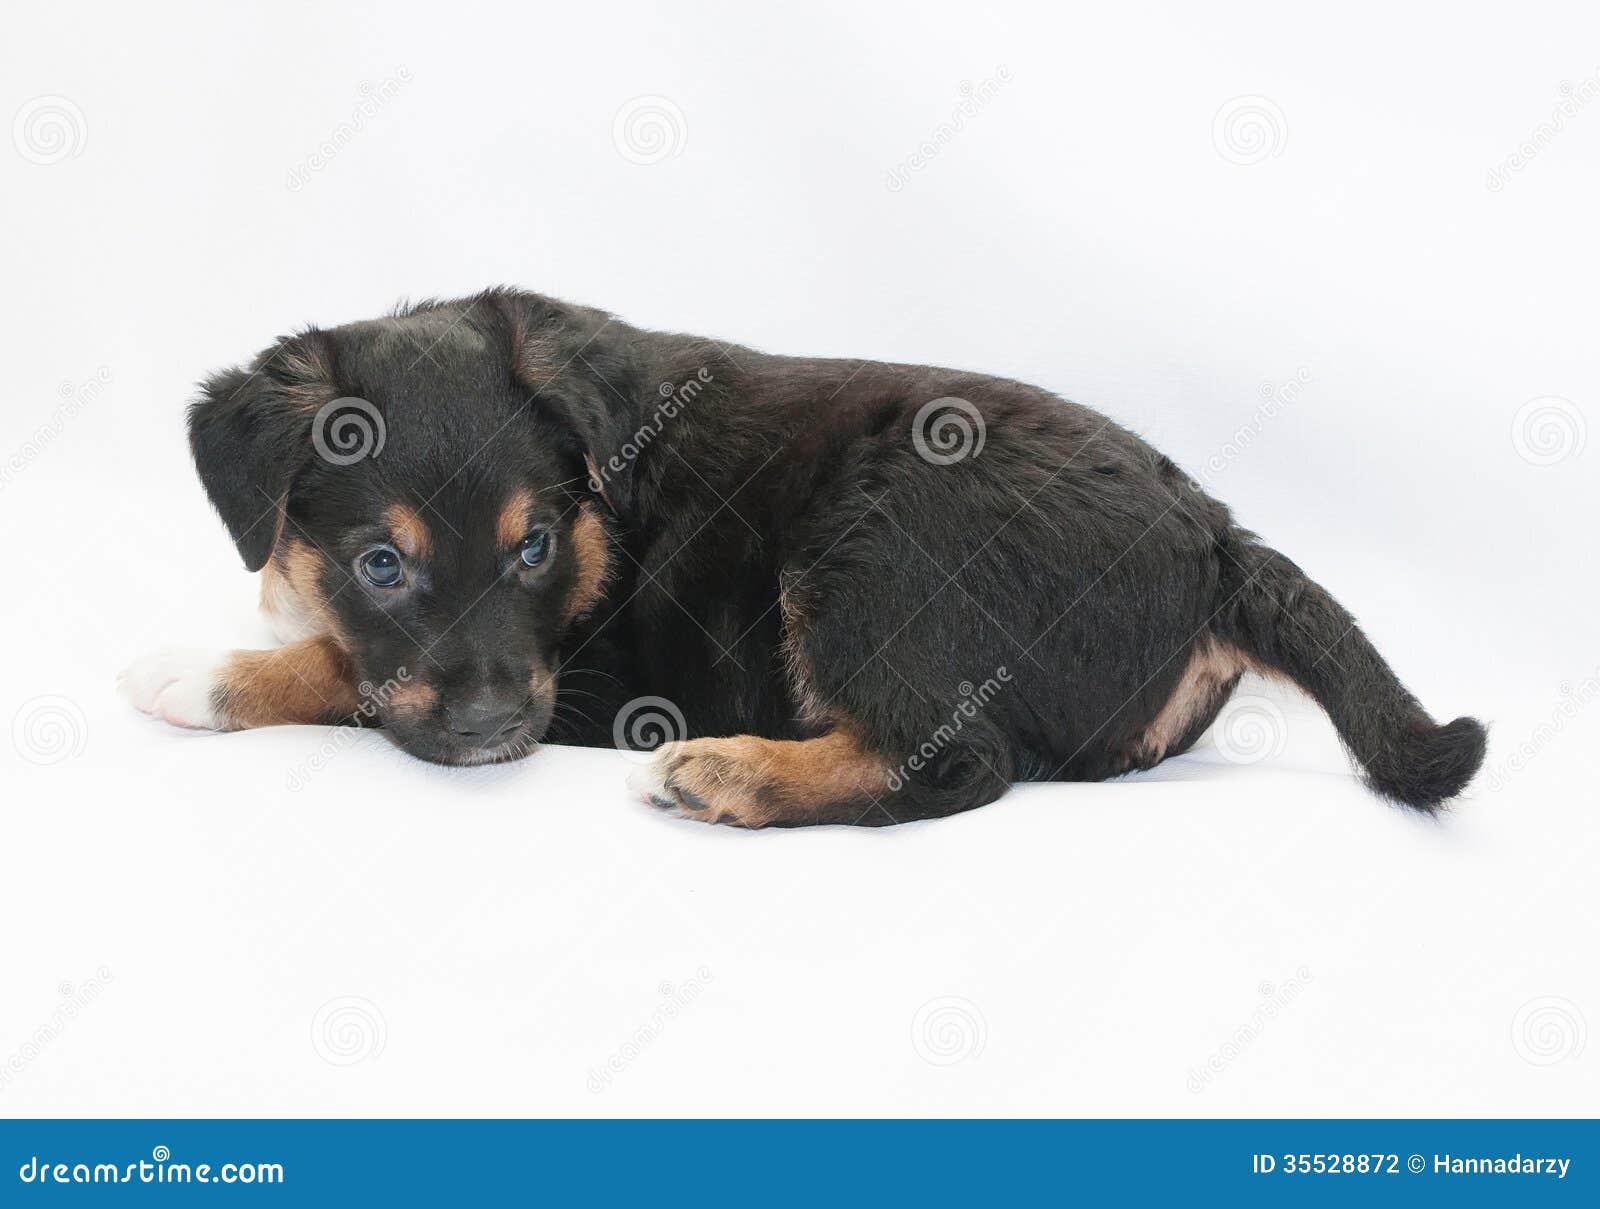 Dog Black Spots Ears